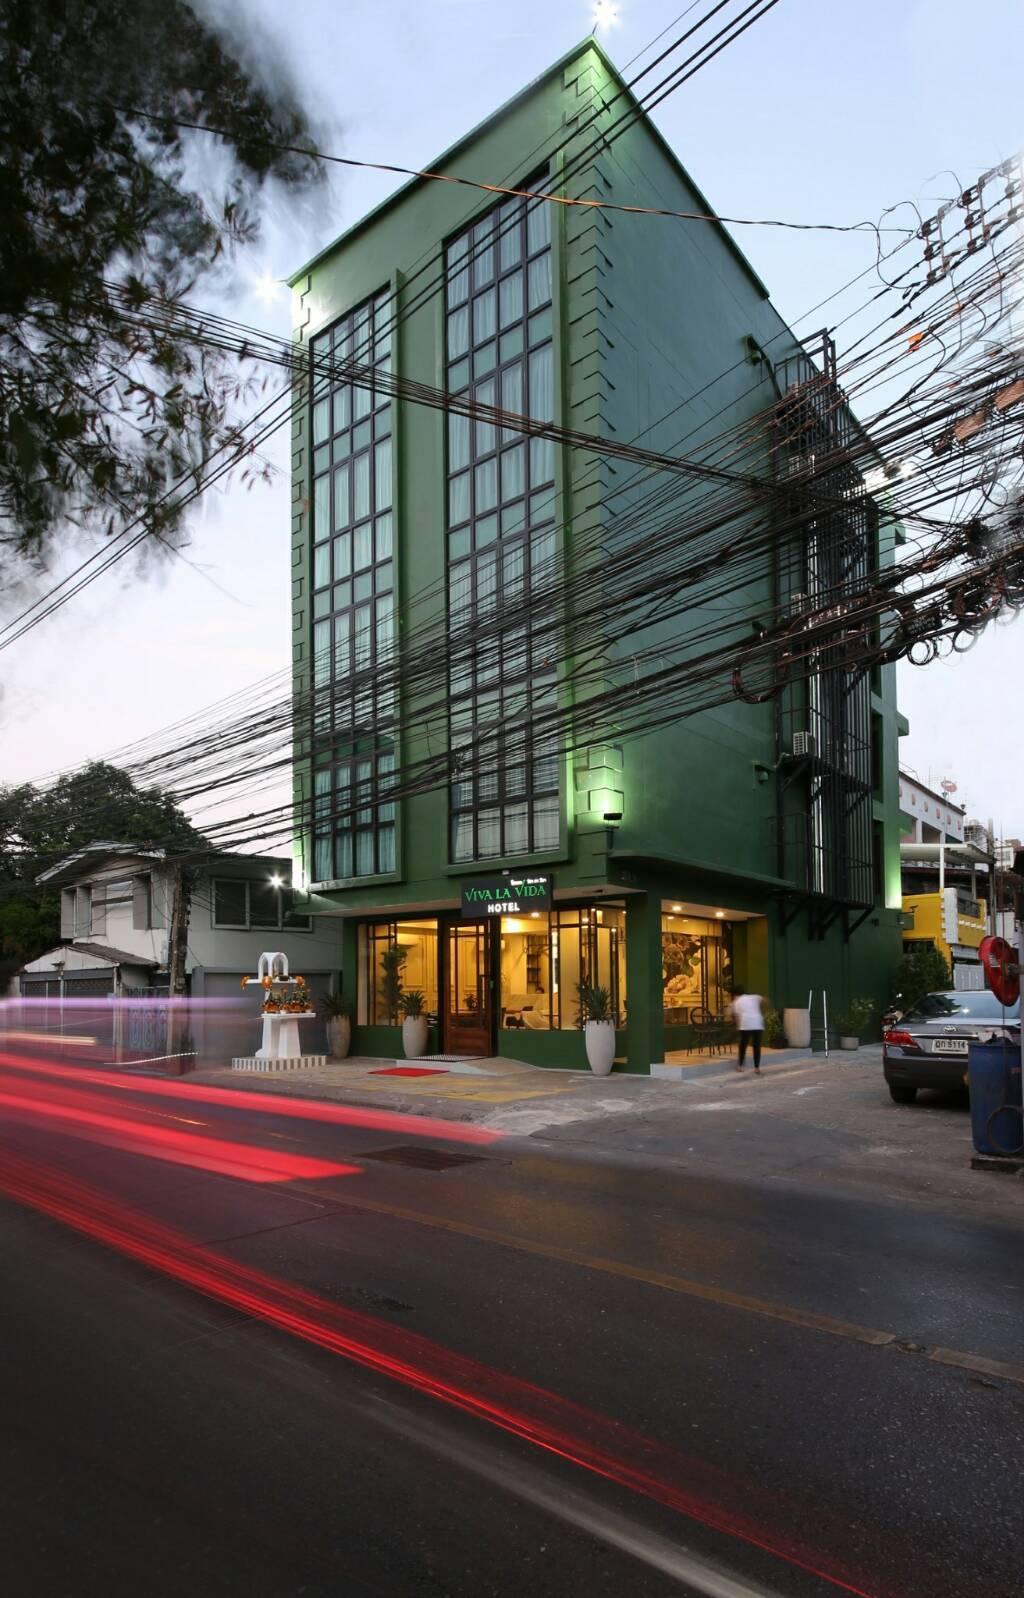 ขายโรงแรม อยู่ตรงข้ามสำนักงานเขตห้วยขวาง 46 ตร.ว.  5 ชั้น 12 ห้อง ใหม่กิ้ก มีดาดฟ้ามีลิฟ 1 ตัว ใกล้